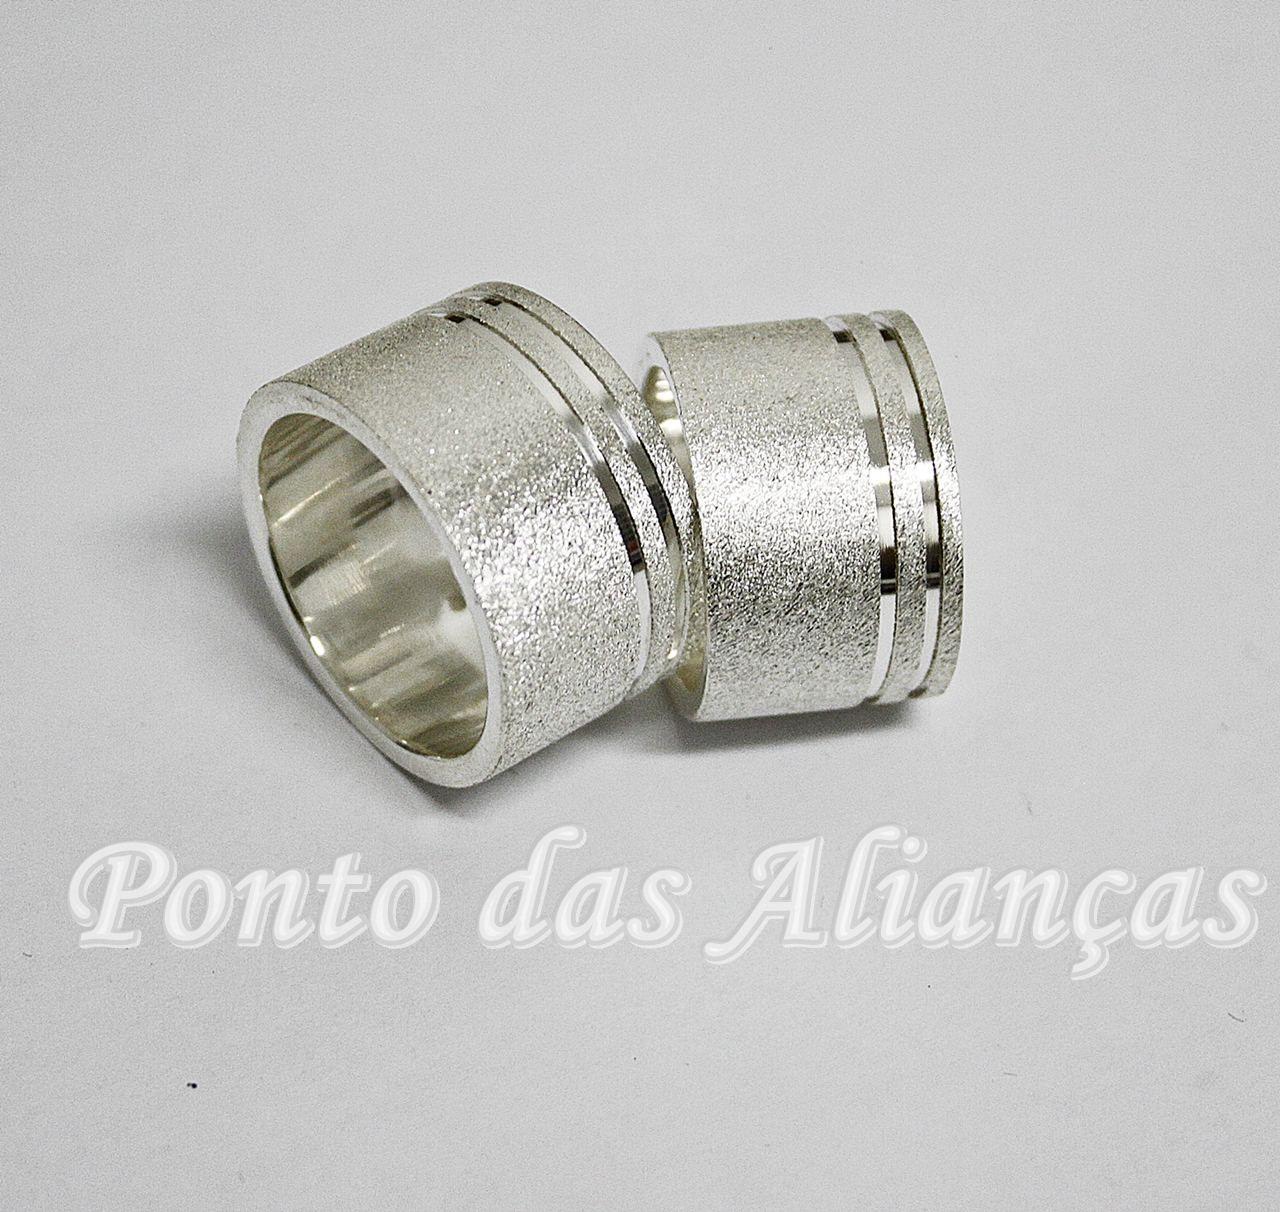 Alianças de Prata Compromisso - 3113